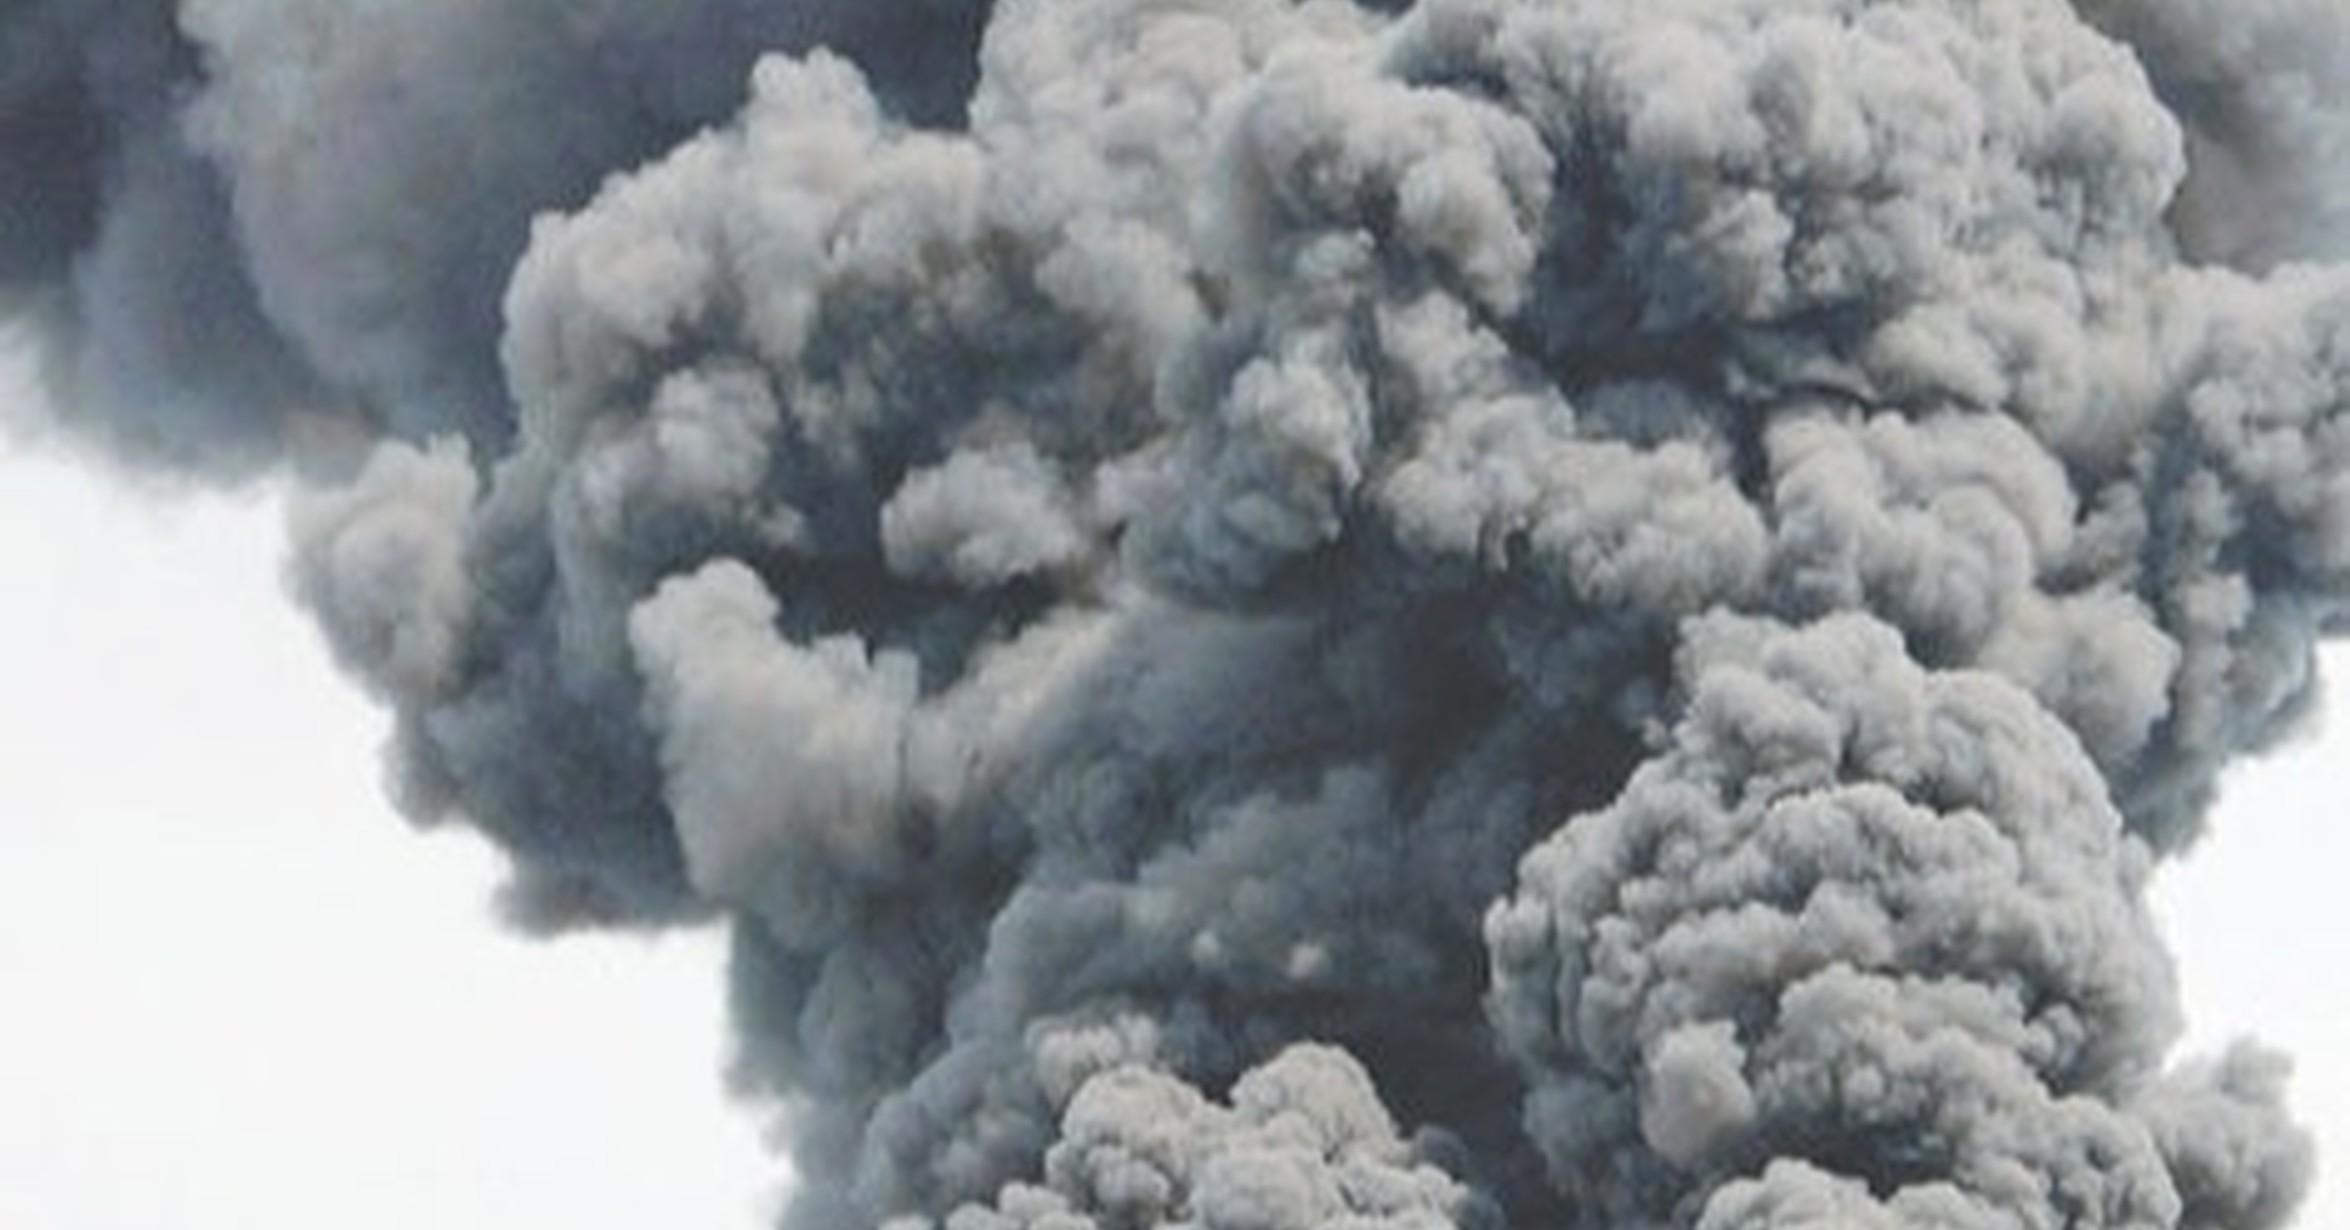 Afectadas por inhalación de humo dos personas en un incendio